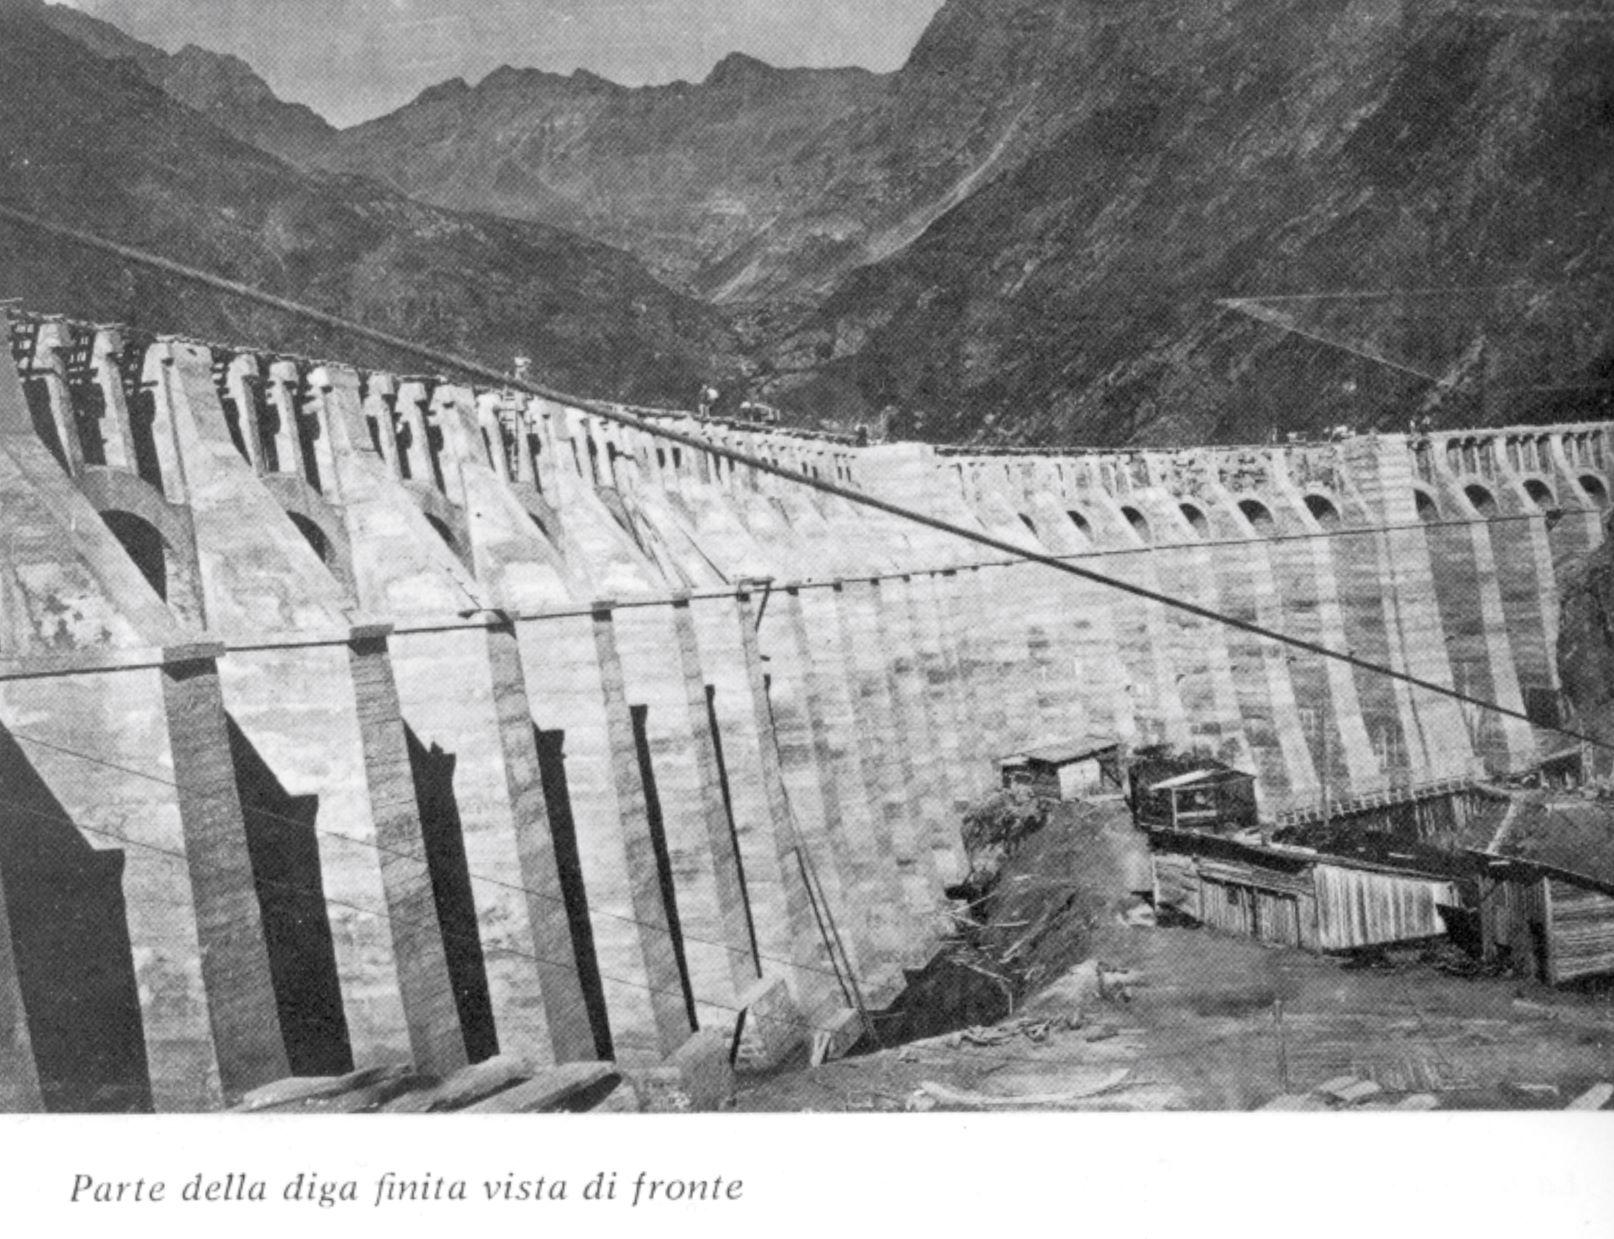 Parte della diga finita